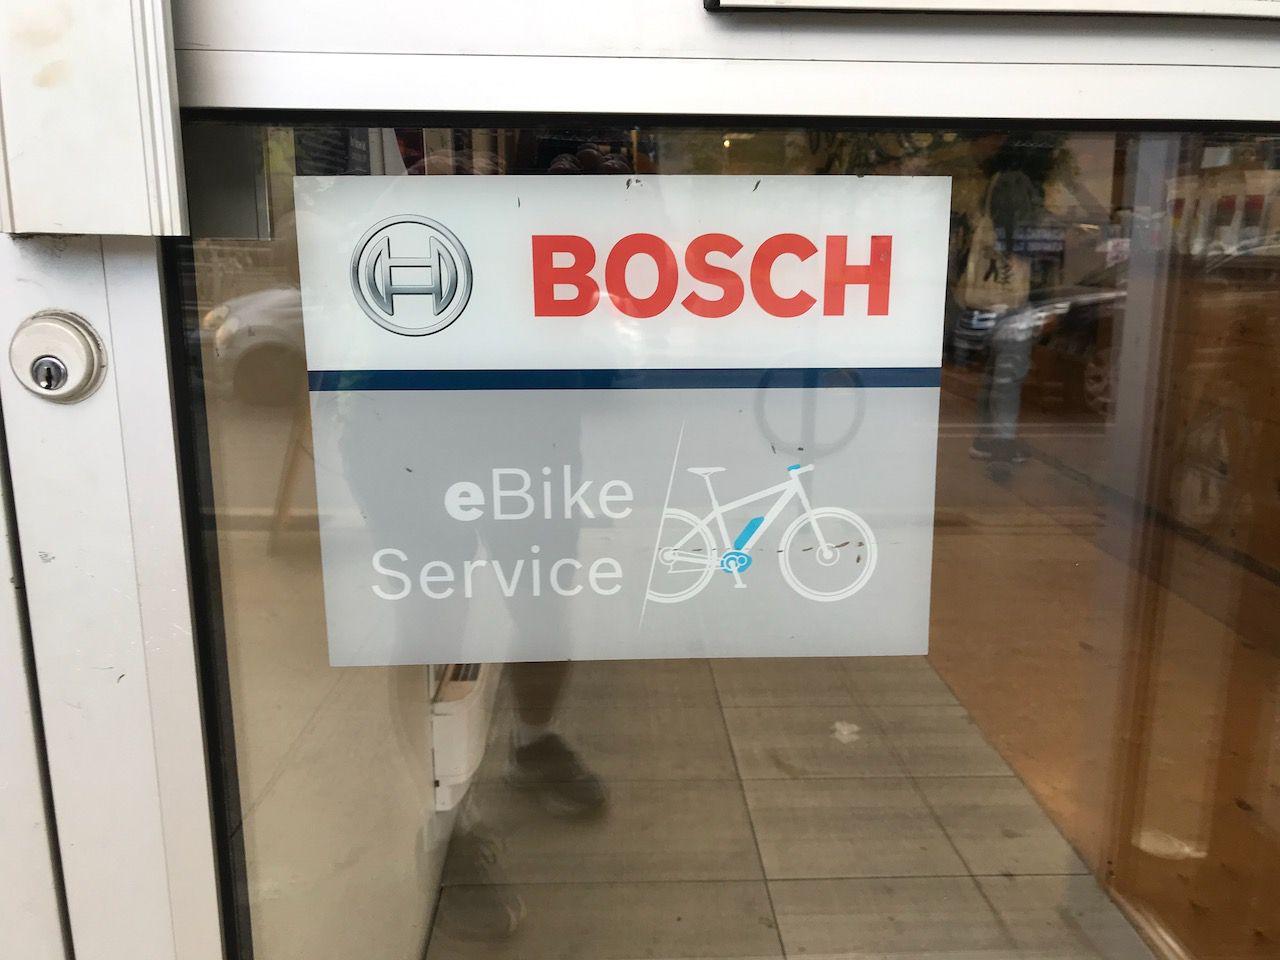 Sticker on door of local bike shop